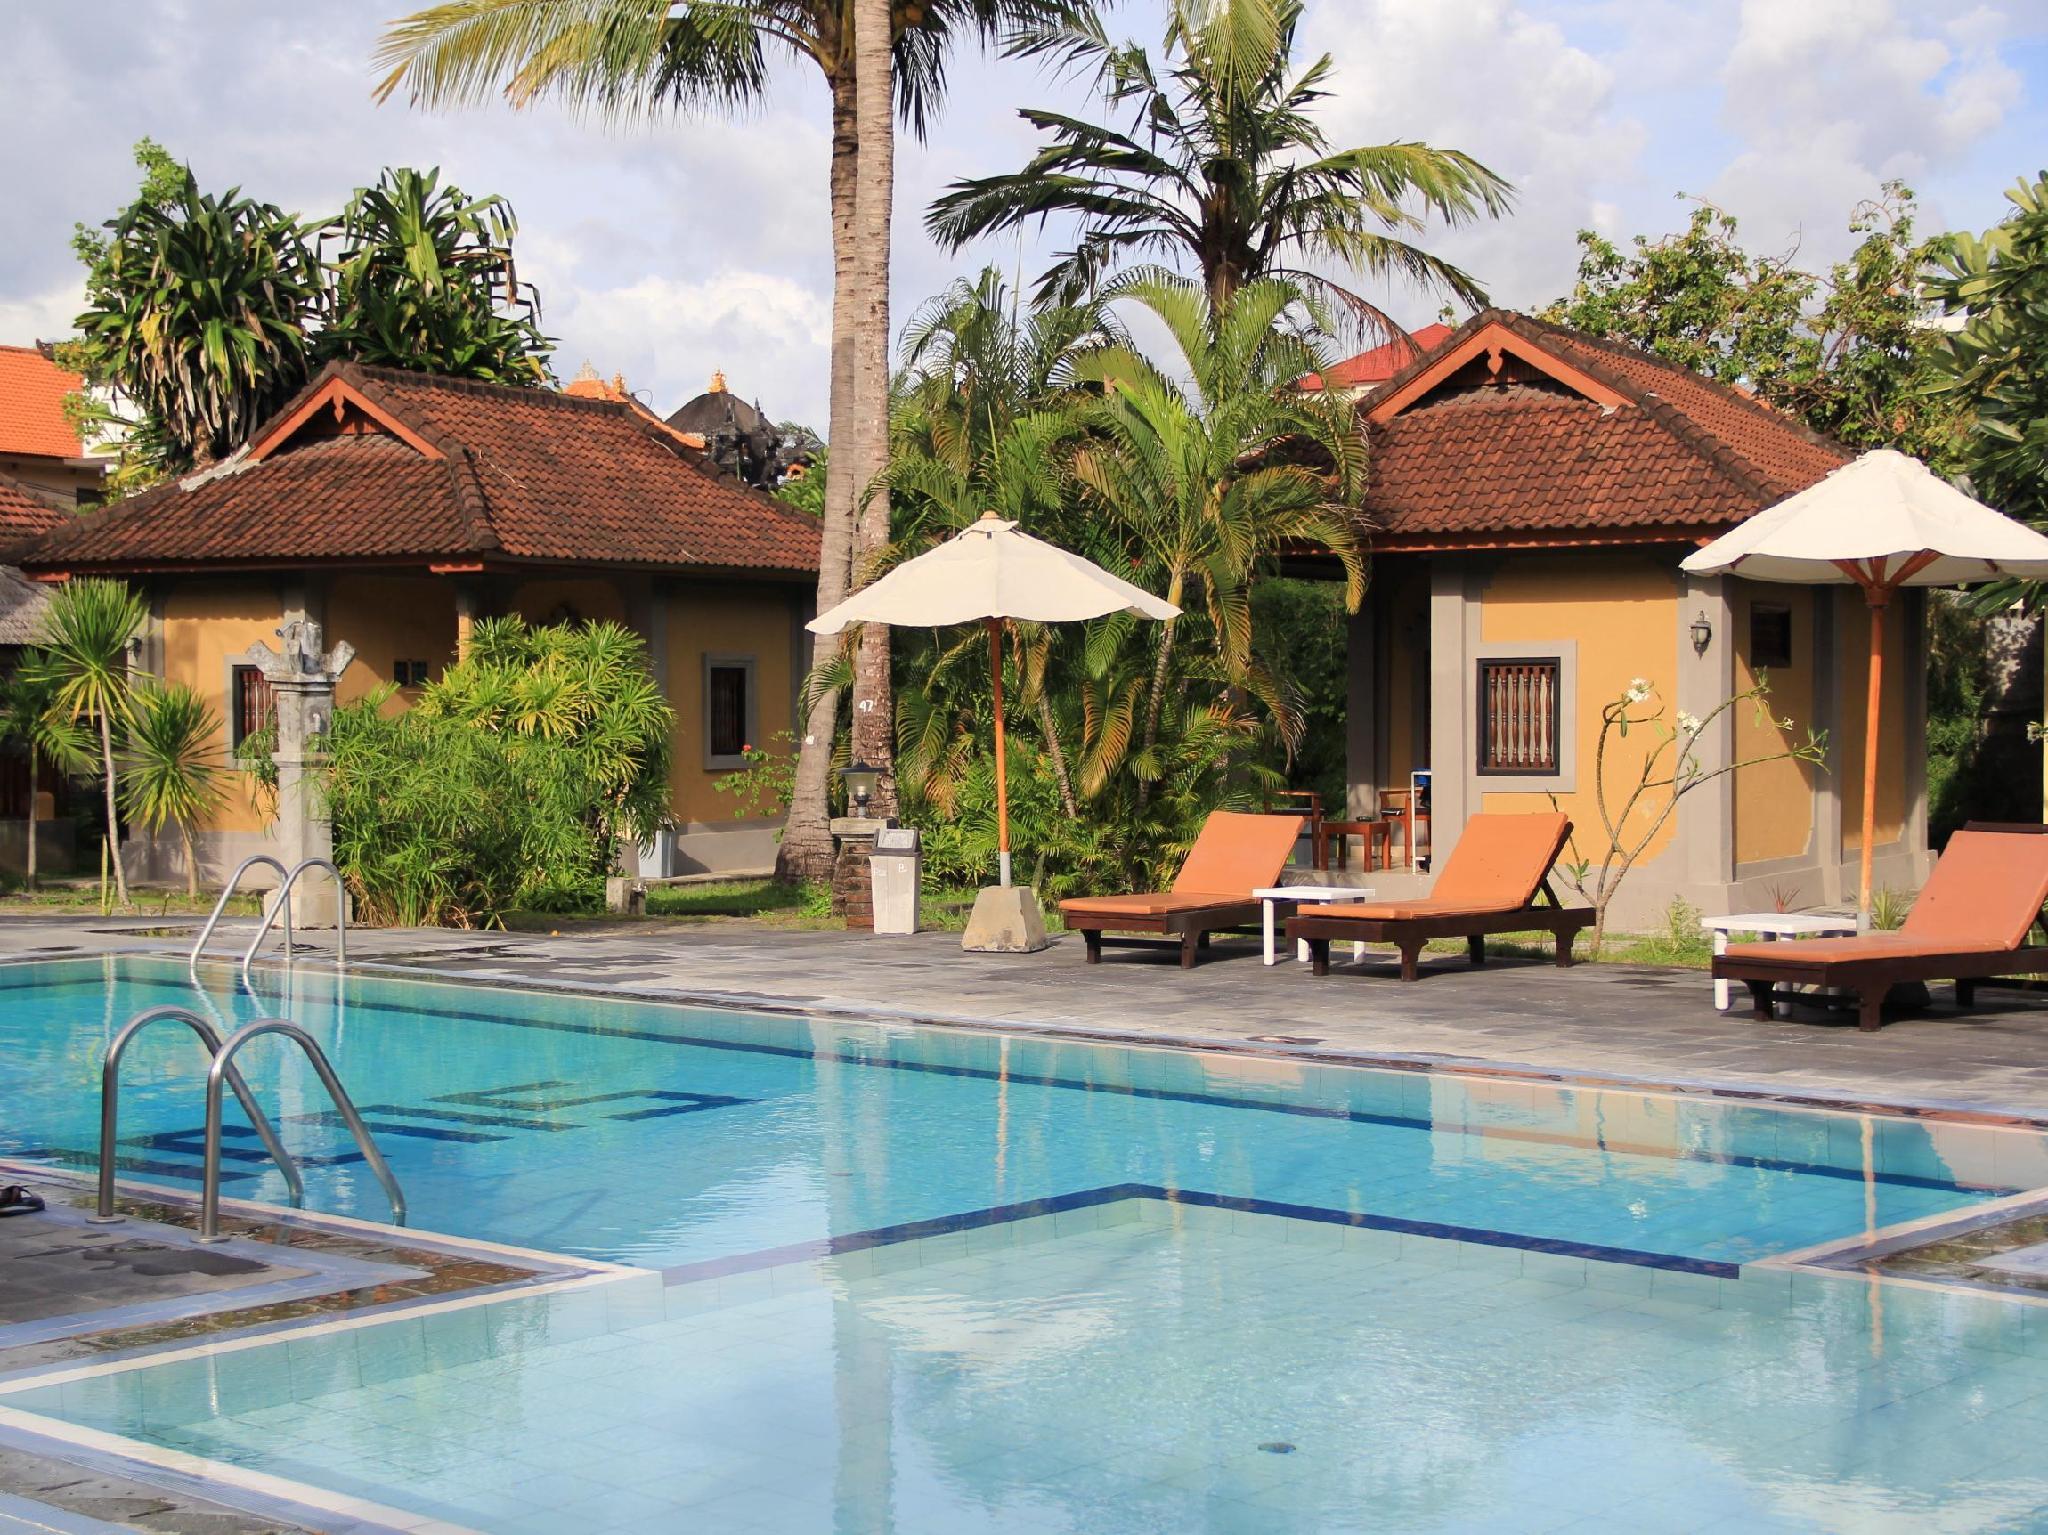 Hotel Suji Bungalow - Jl. Popies Lane 1 - Bali